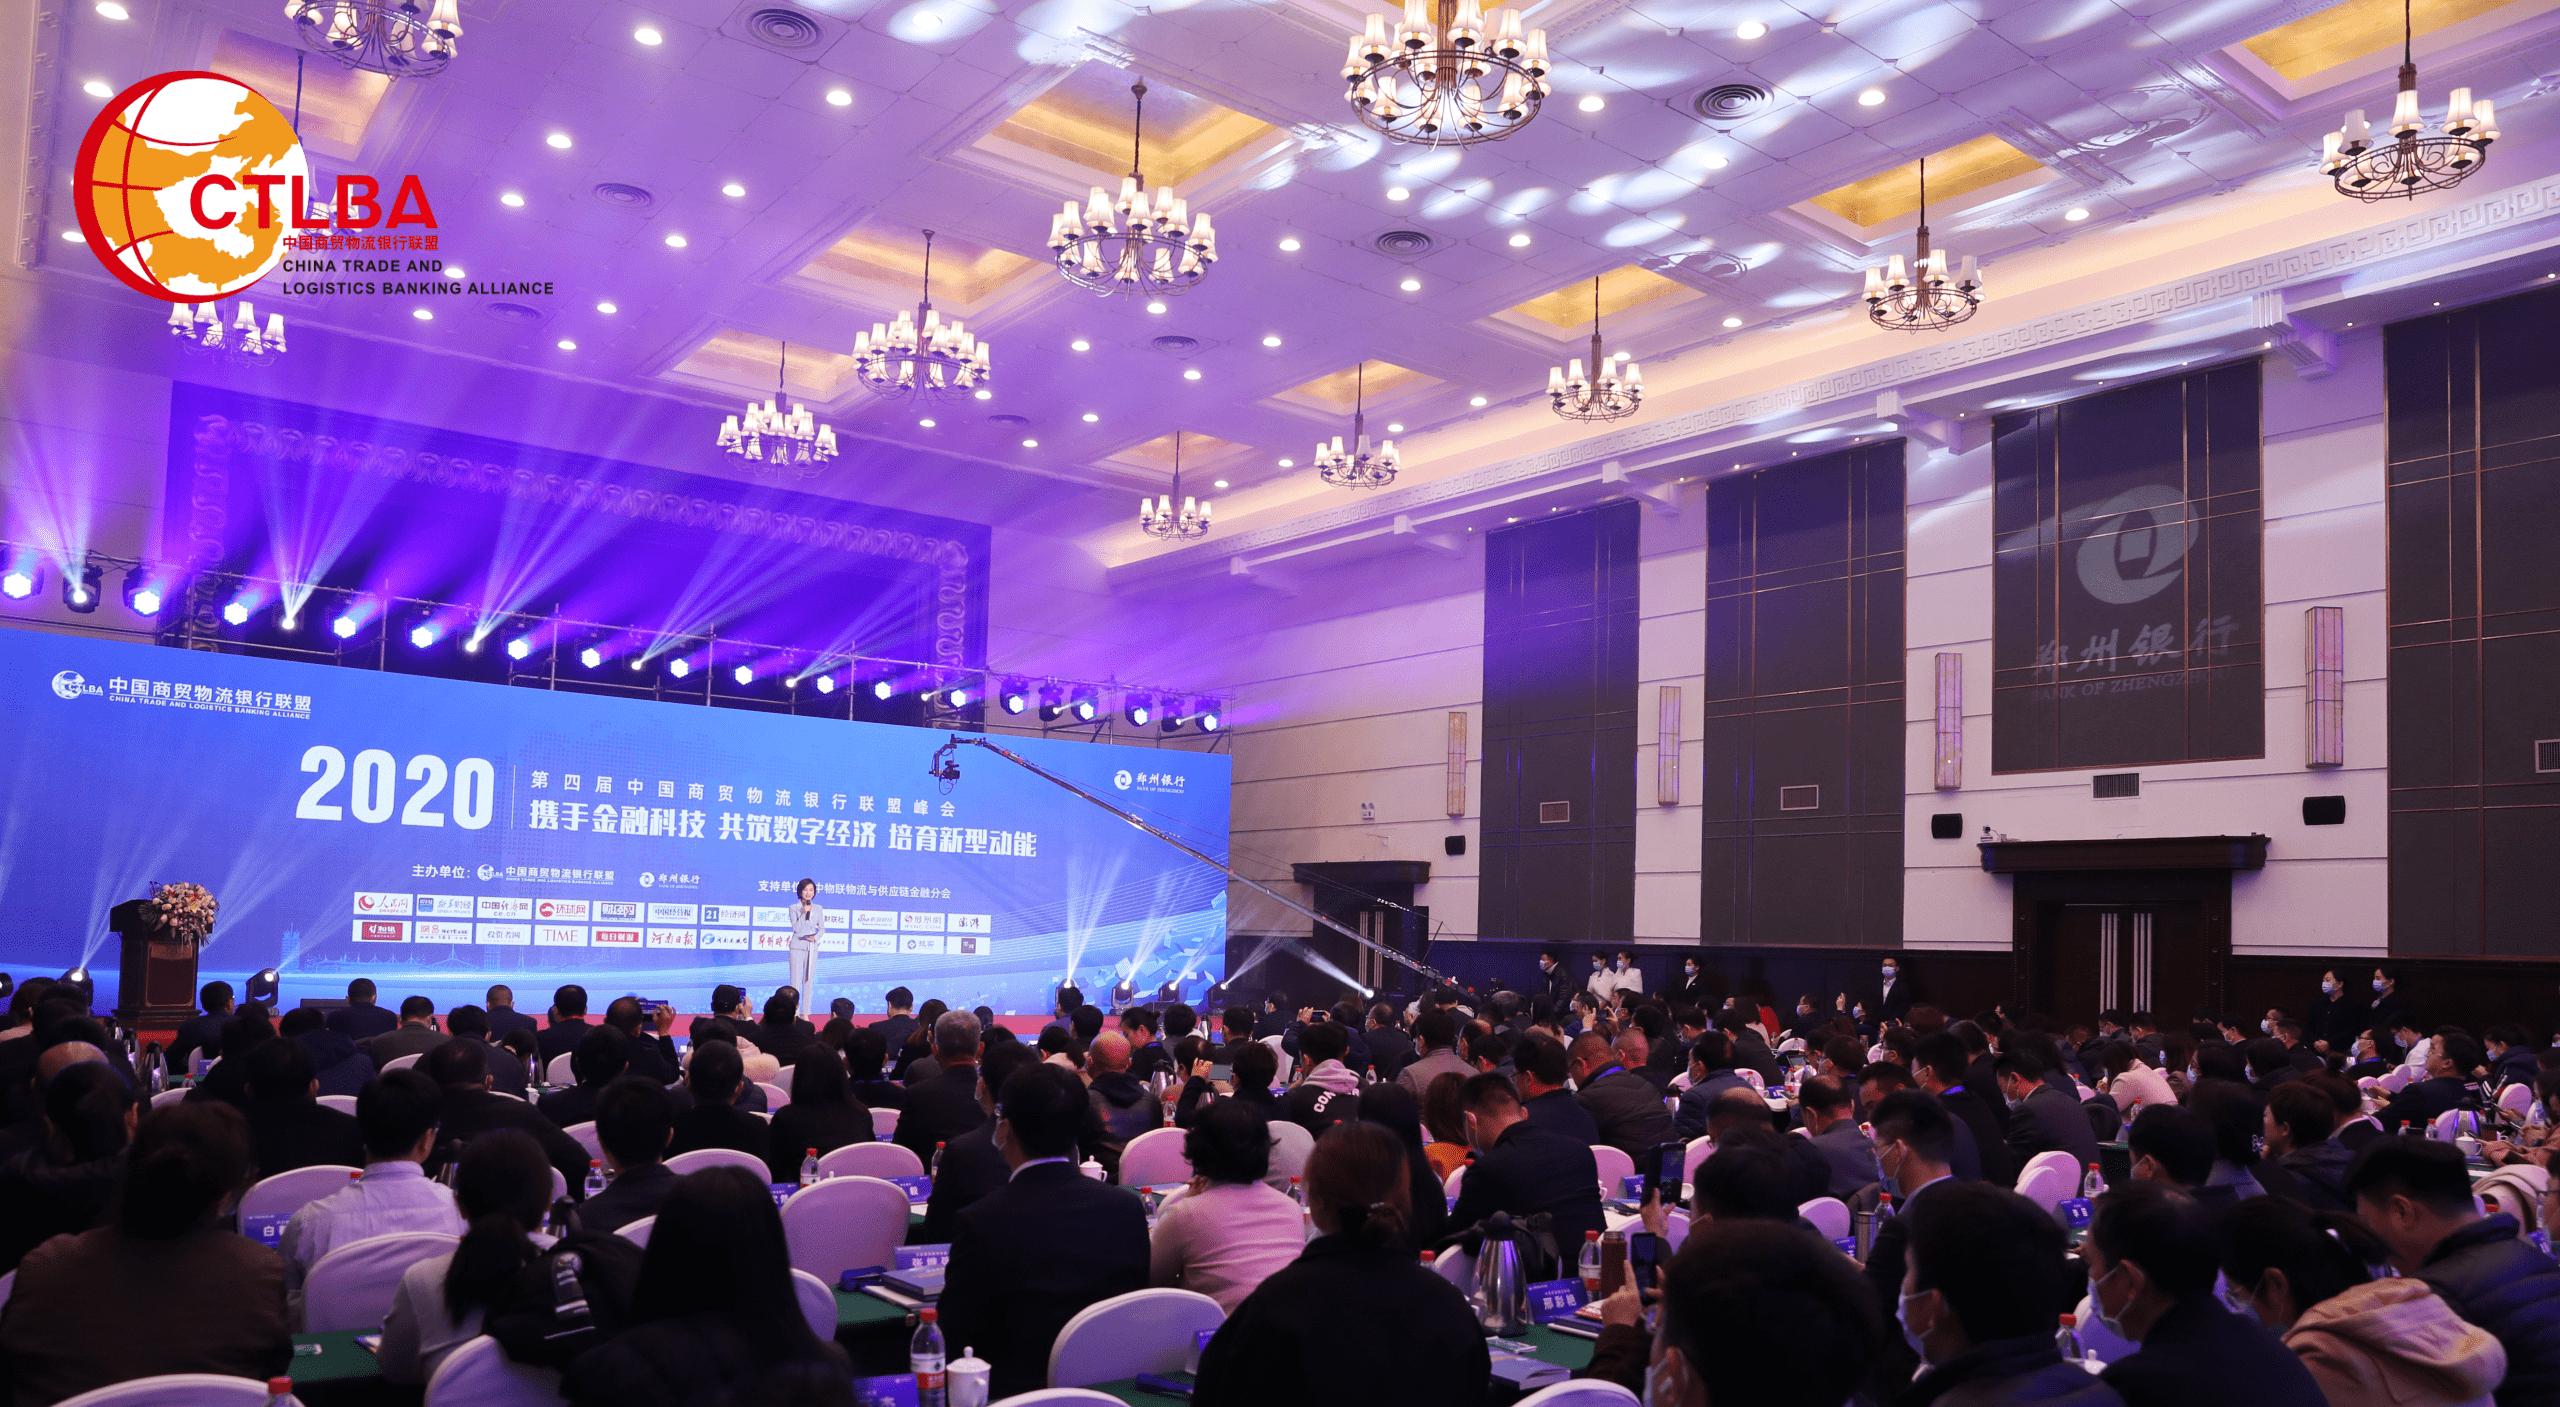 携手金融科技共筑数字经济2020第四届中国商贸物流银行联盟峰会在郑举办